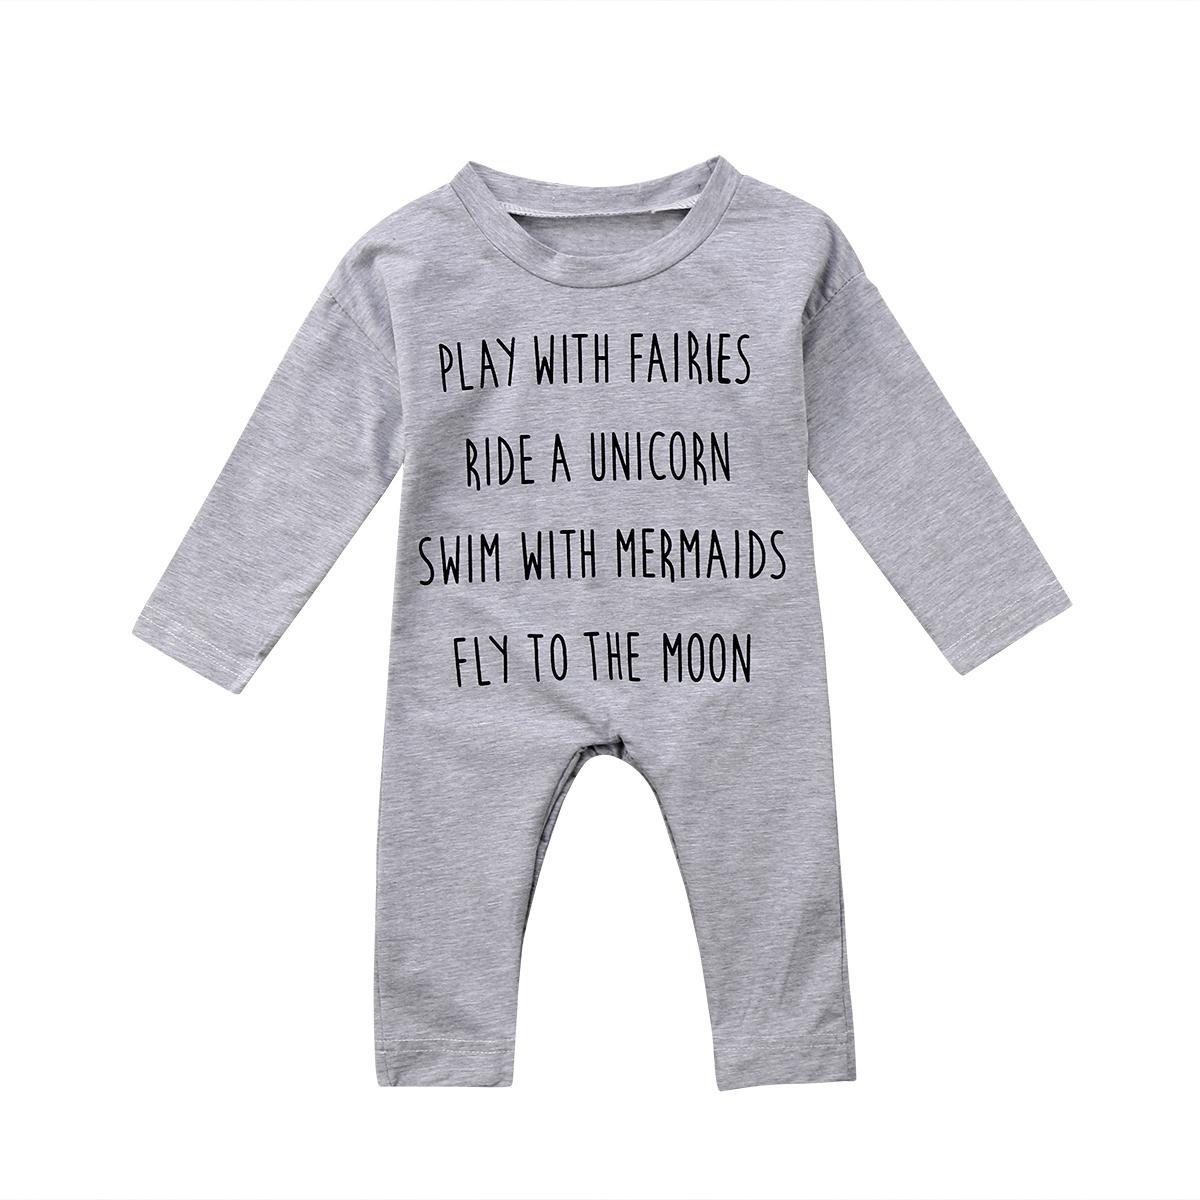 دعوى لطيف الطفل طفل السروال القصير القطن طويل كم الوليد بوي فتاة الأعلى رومبير بذلة القطن الطفل ملابس الزي USA